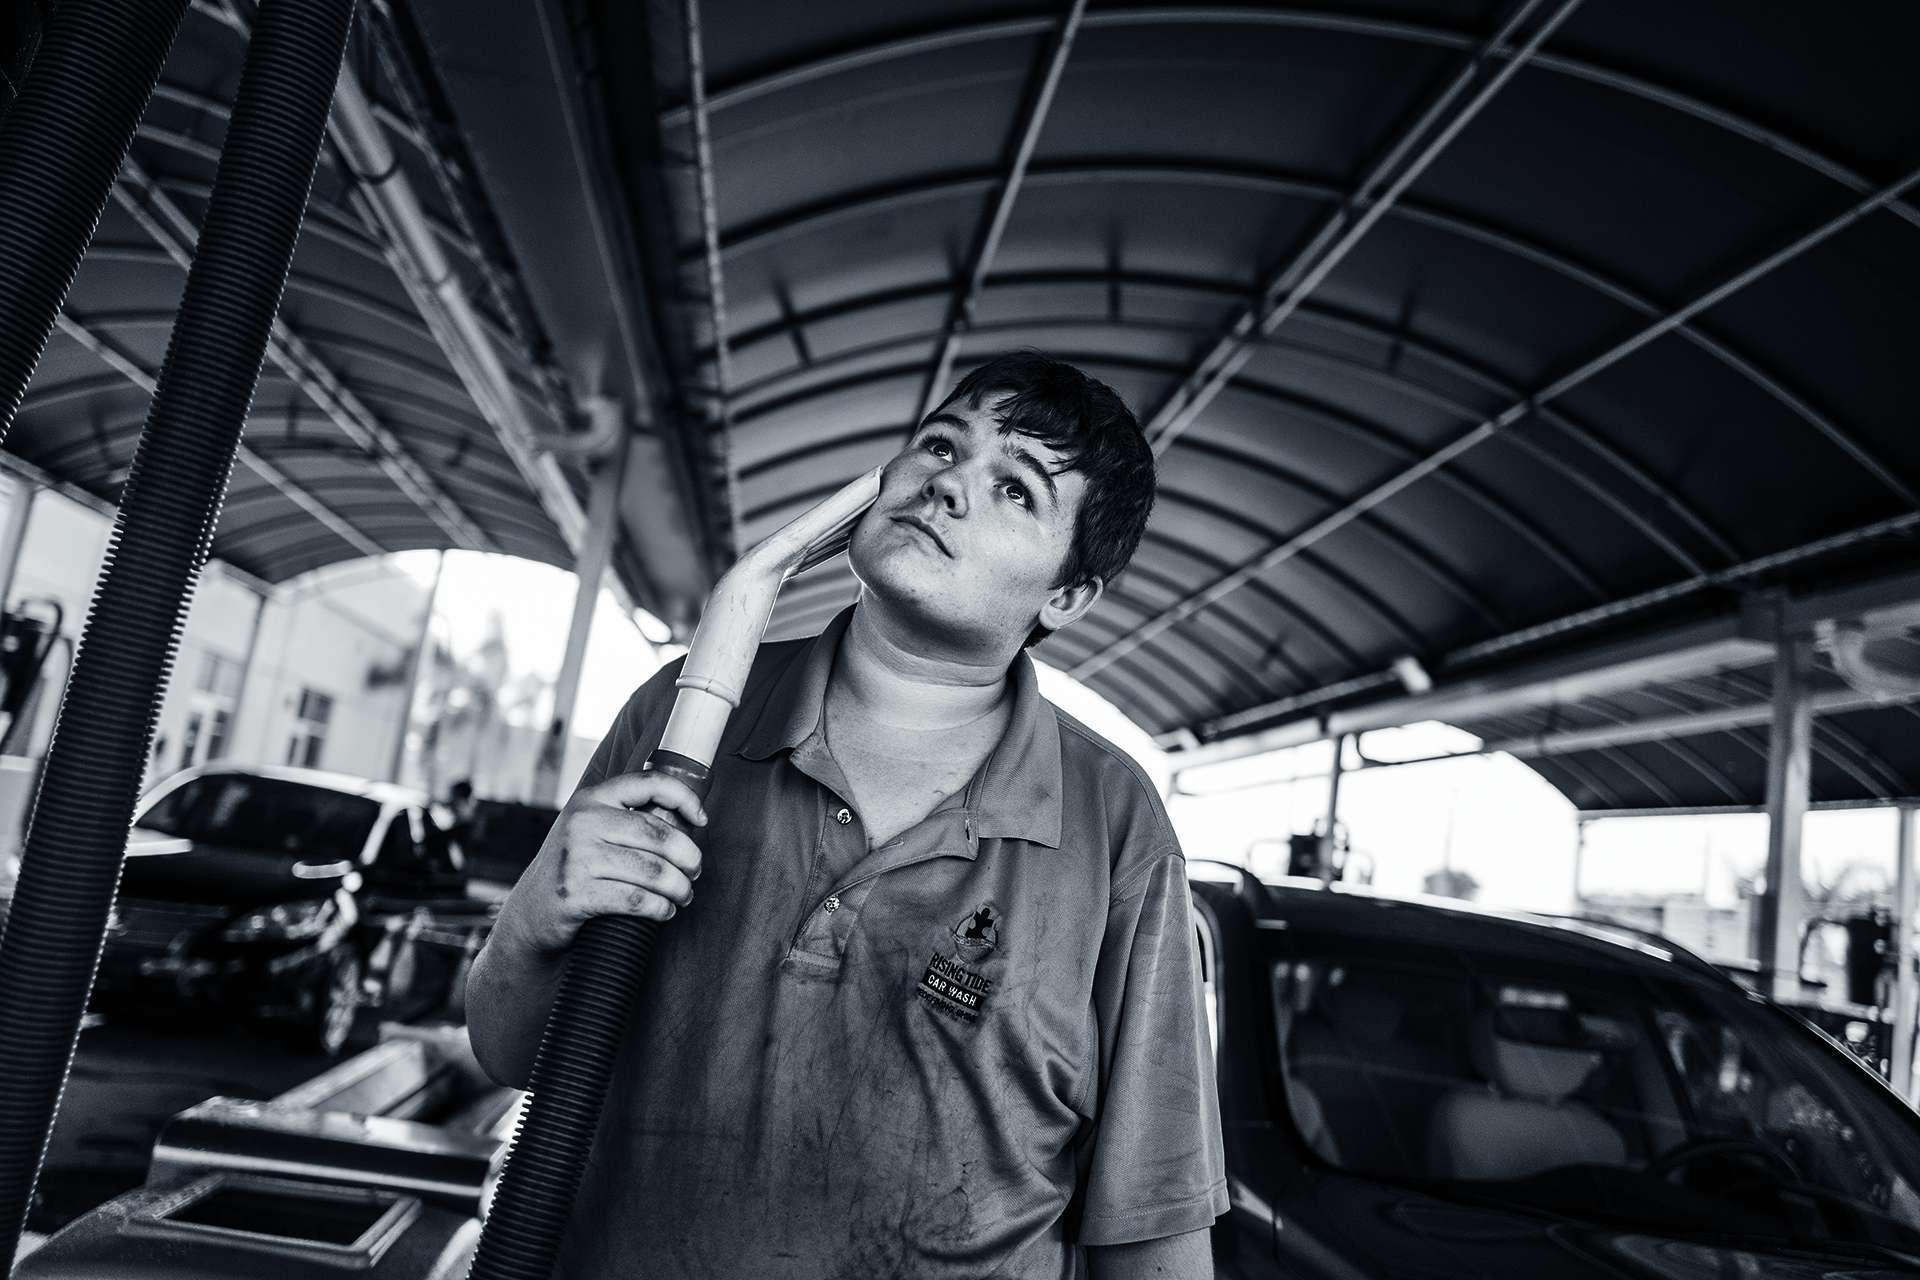 在佛羅里達州馬蓋特市的「漲潮洗車」,19歲的路克.贊達用吸塵器的吸嘴輕撫臉頰。湯姆.德瑞與他的父親開創了這家公司,並僱用他的弟弟與其他自閉症人士。協助自閉症成人找工作的家庭企業愈來愈常見。 PHOTO: LYNN JOHNSON